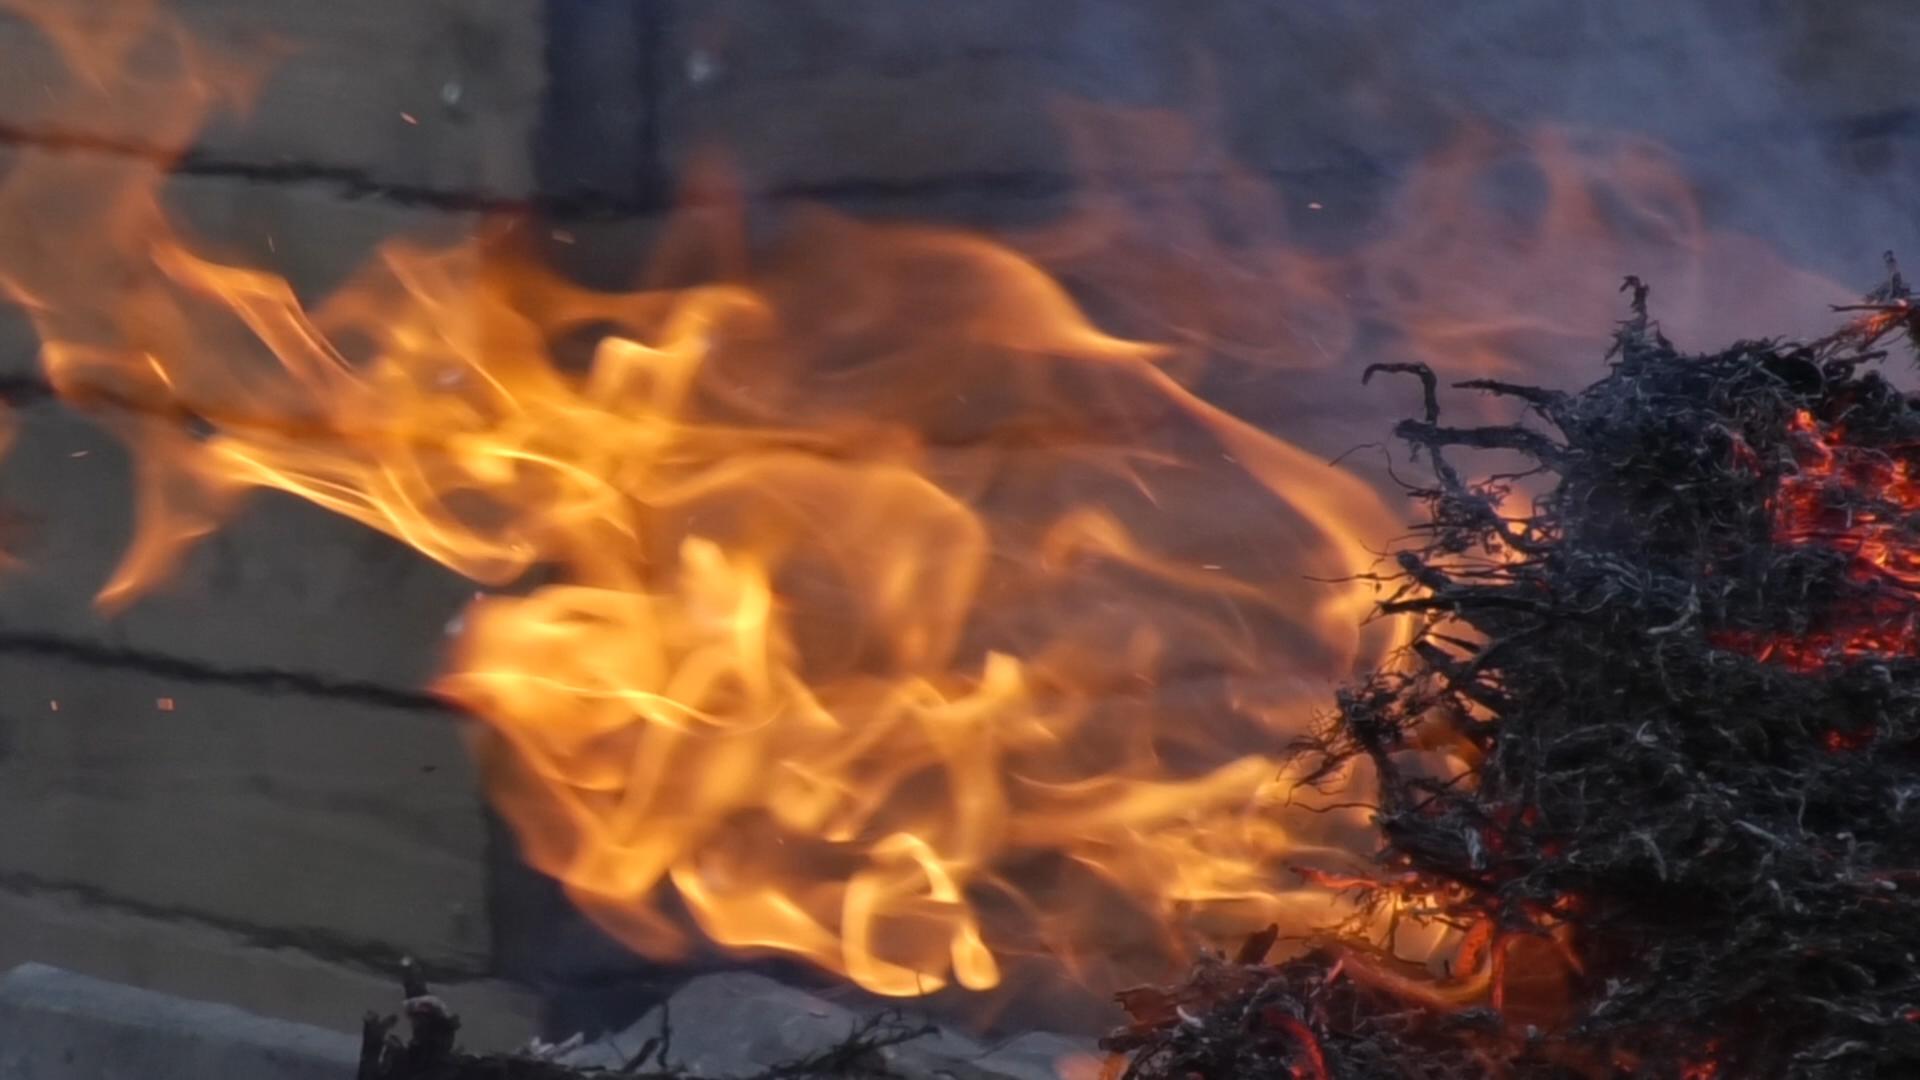 NOU REPORTATGE: Arribada de la Flama del Canigó